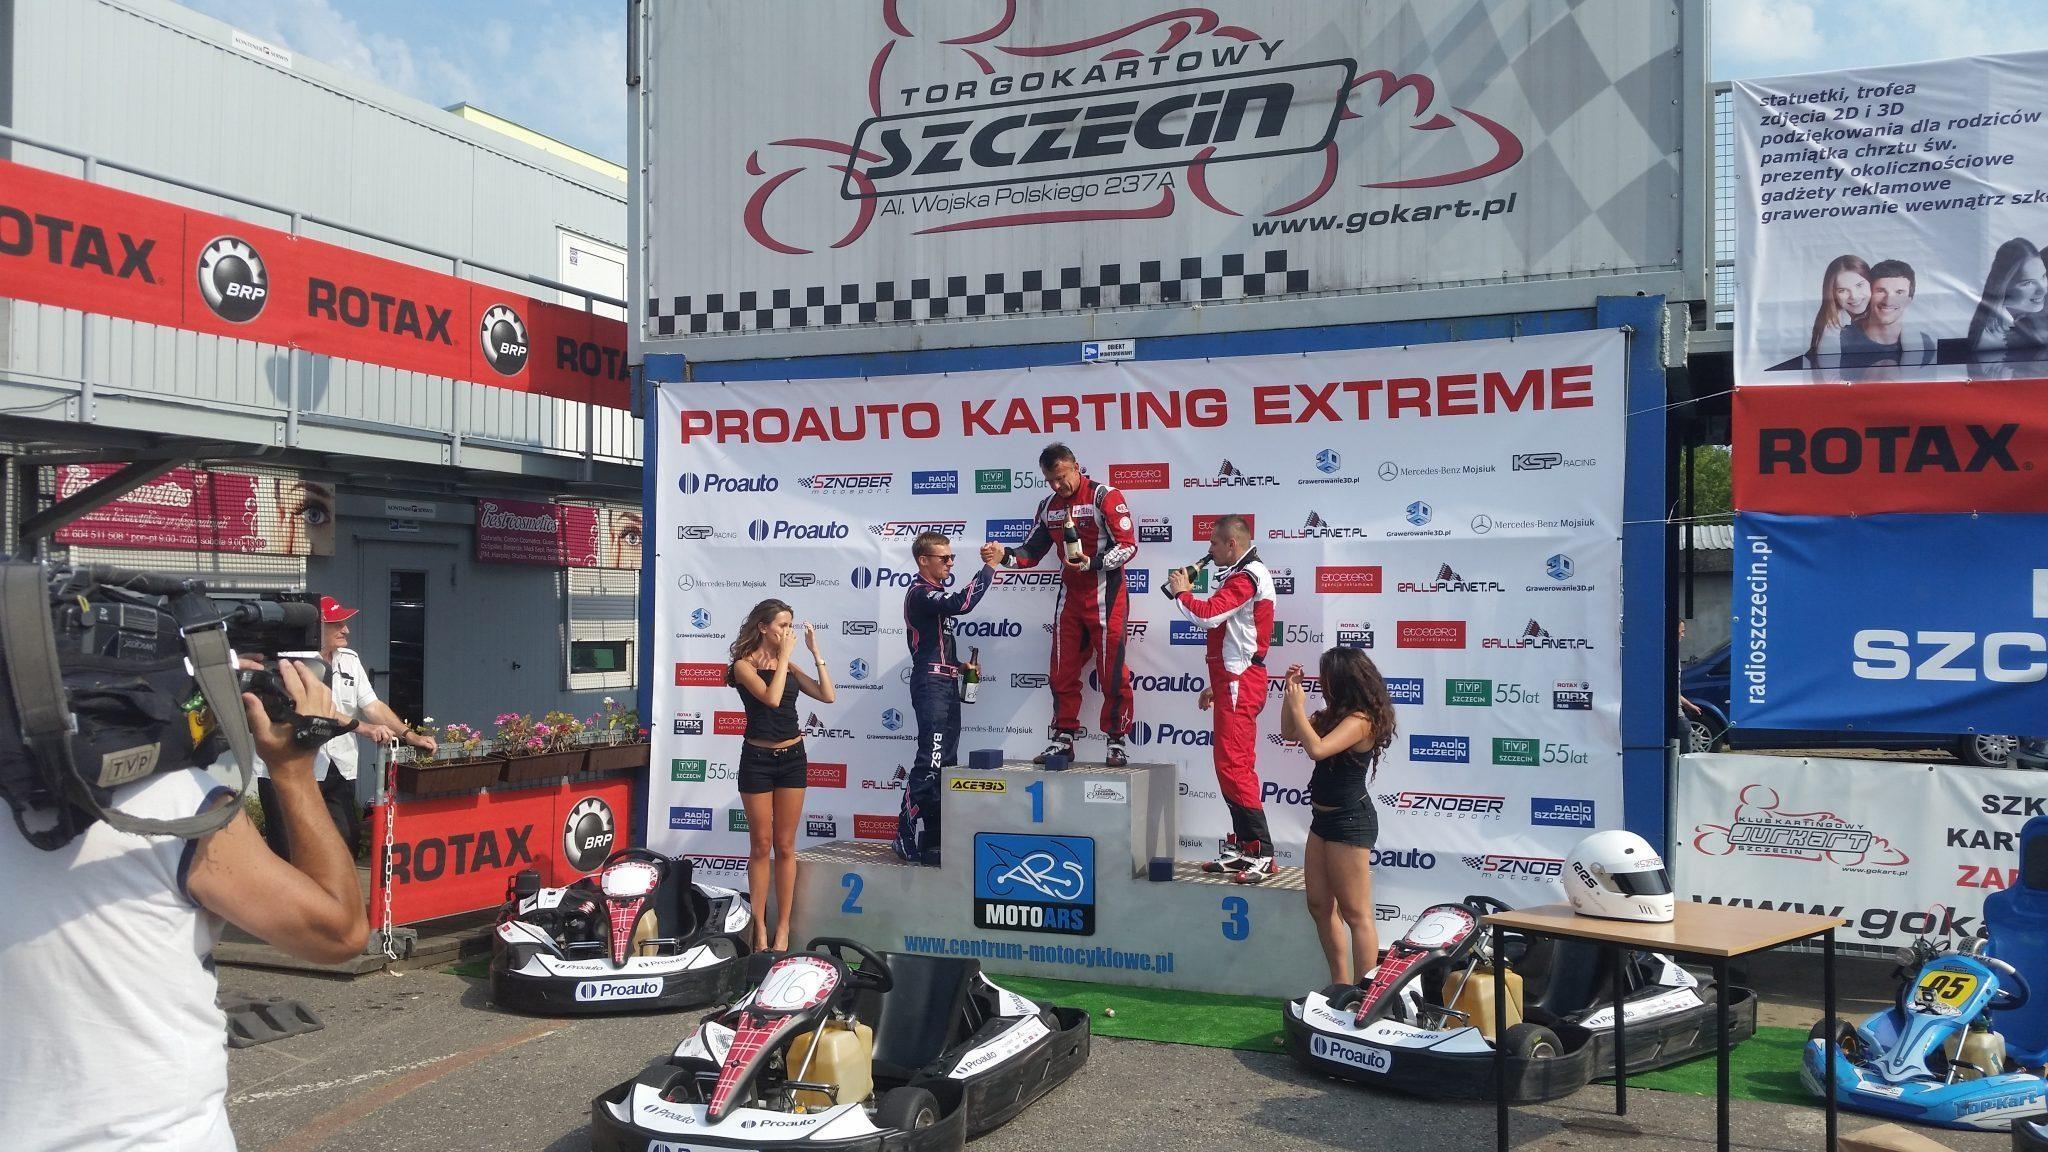 20150808 153652 - Piotr Wołynka zwycięzcą Proauto Karting Extreme